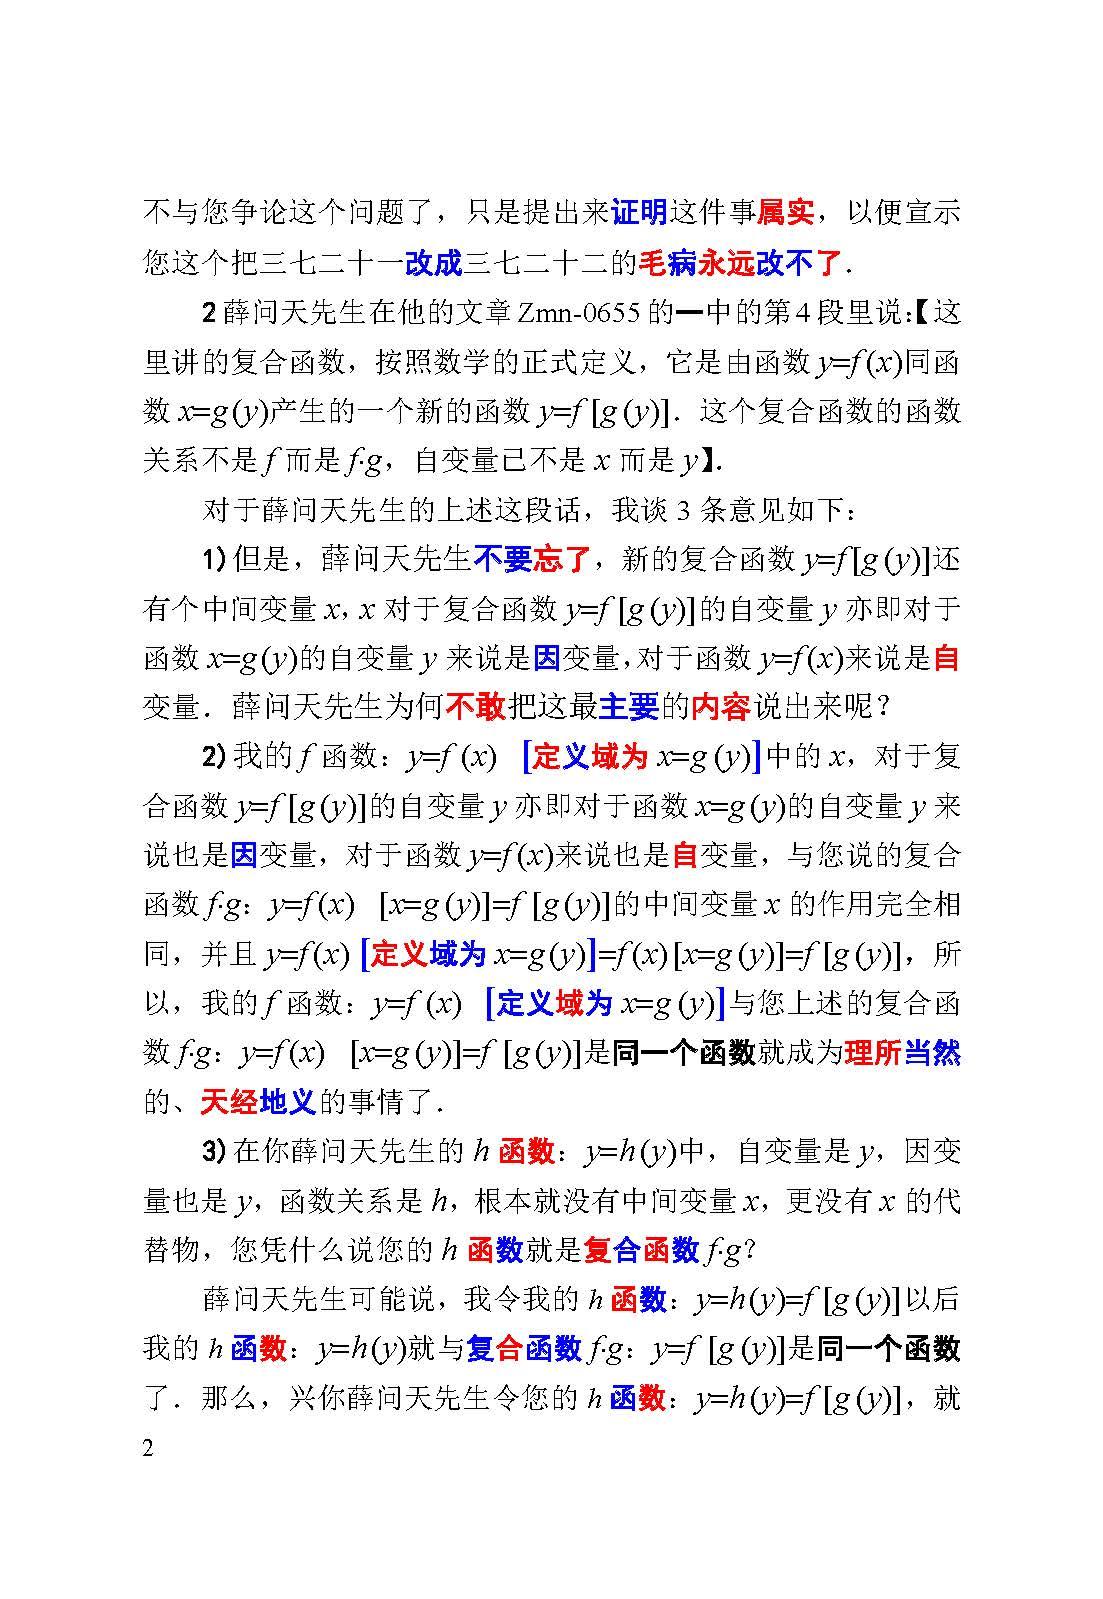 评薛问天先生的文章0655 _页面_2.jpg